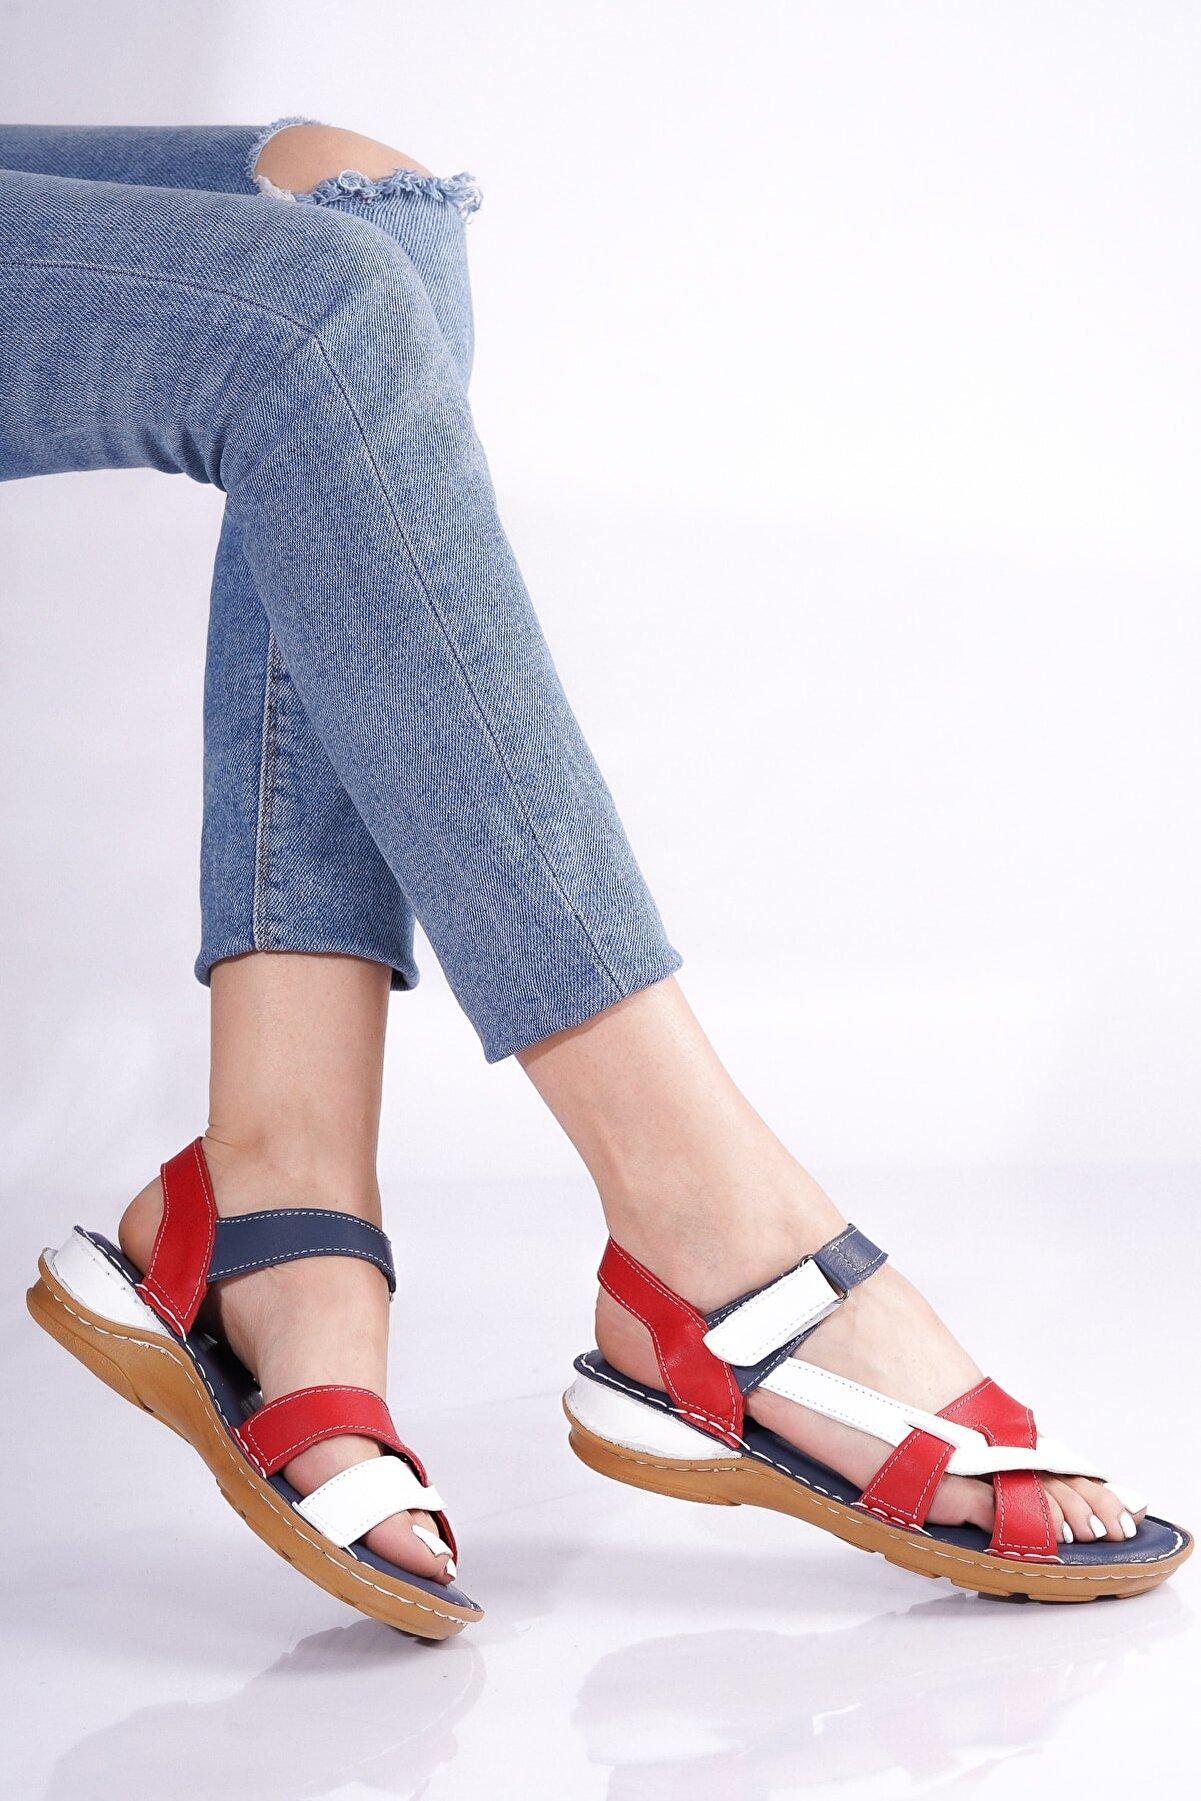 RİKEL DERİ Hakiki Deri Lacivert Beyaz Kırmızı Kadın Sandalet